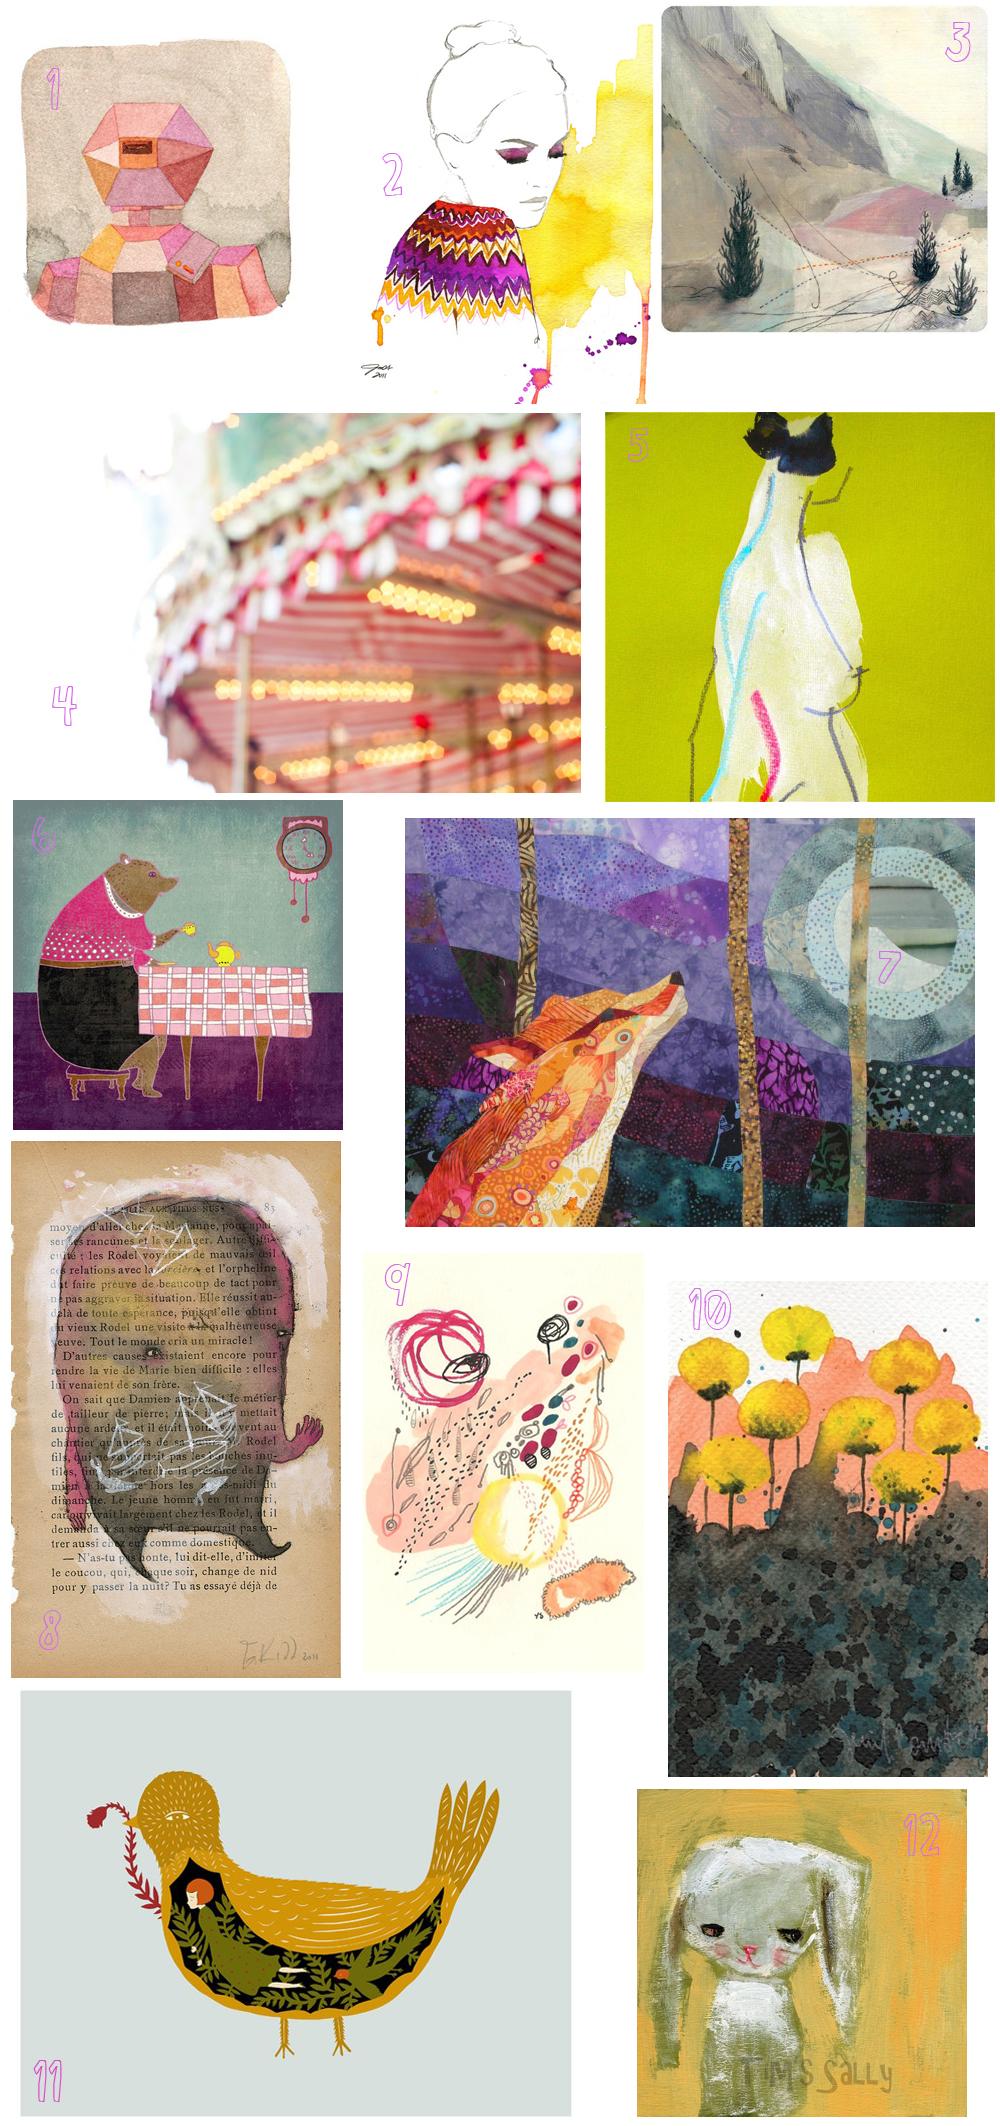 Tiniest art show december 2011